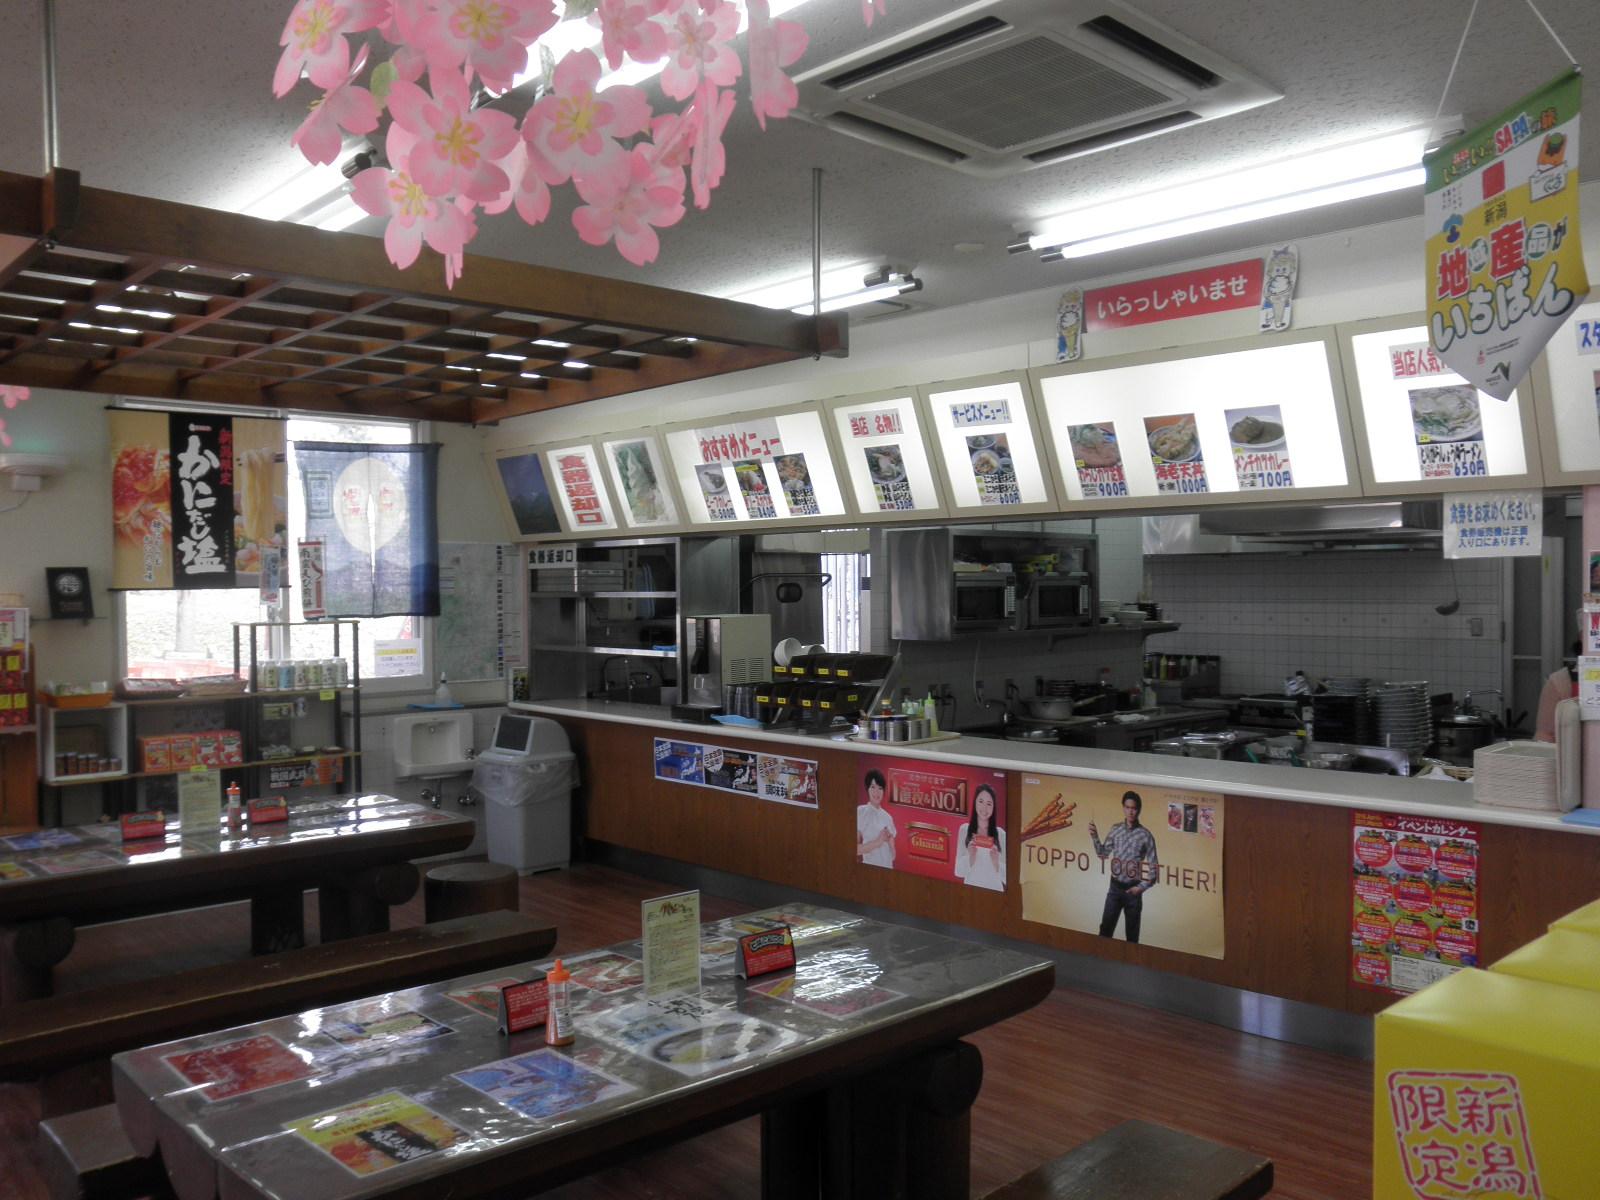 妙高サービスエリア スナックコーナー(上り線)